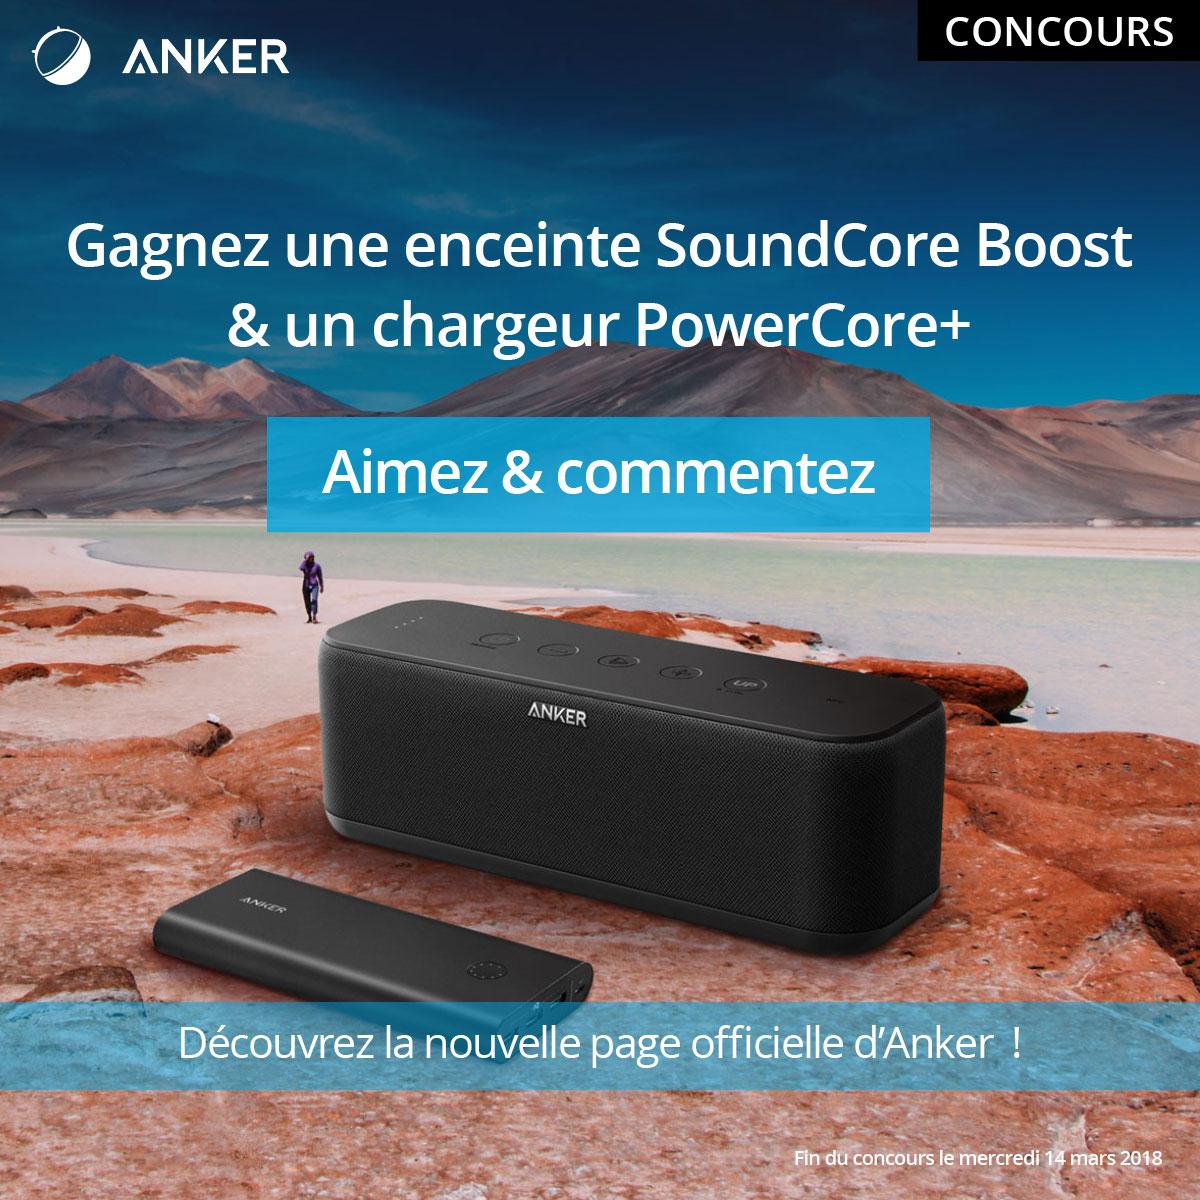 🔥 Concours : une enceinte SoundCore Boost et une batterie PowerCore+ d'Anker à gagner !